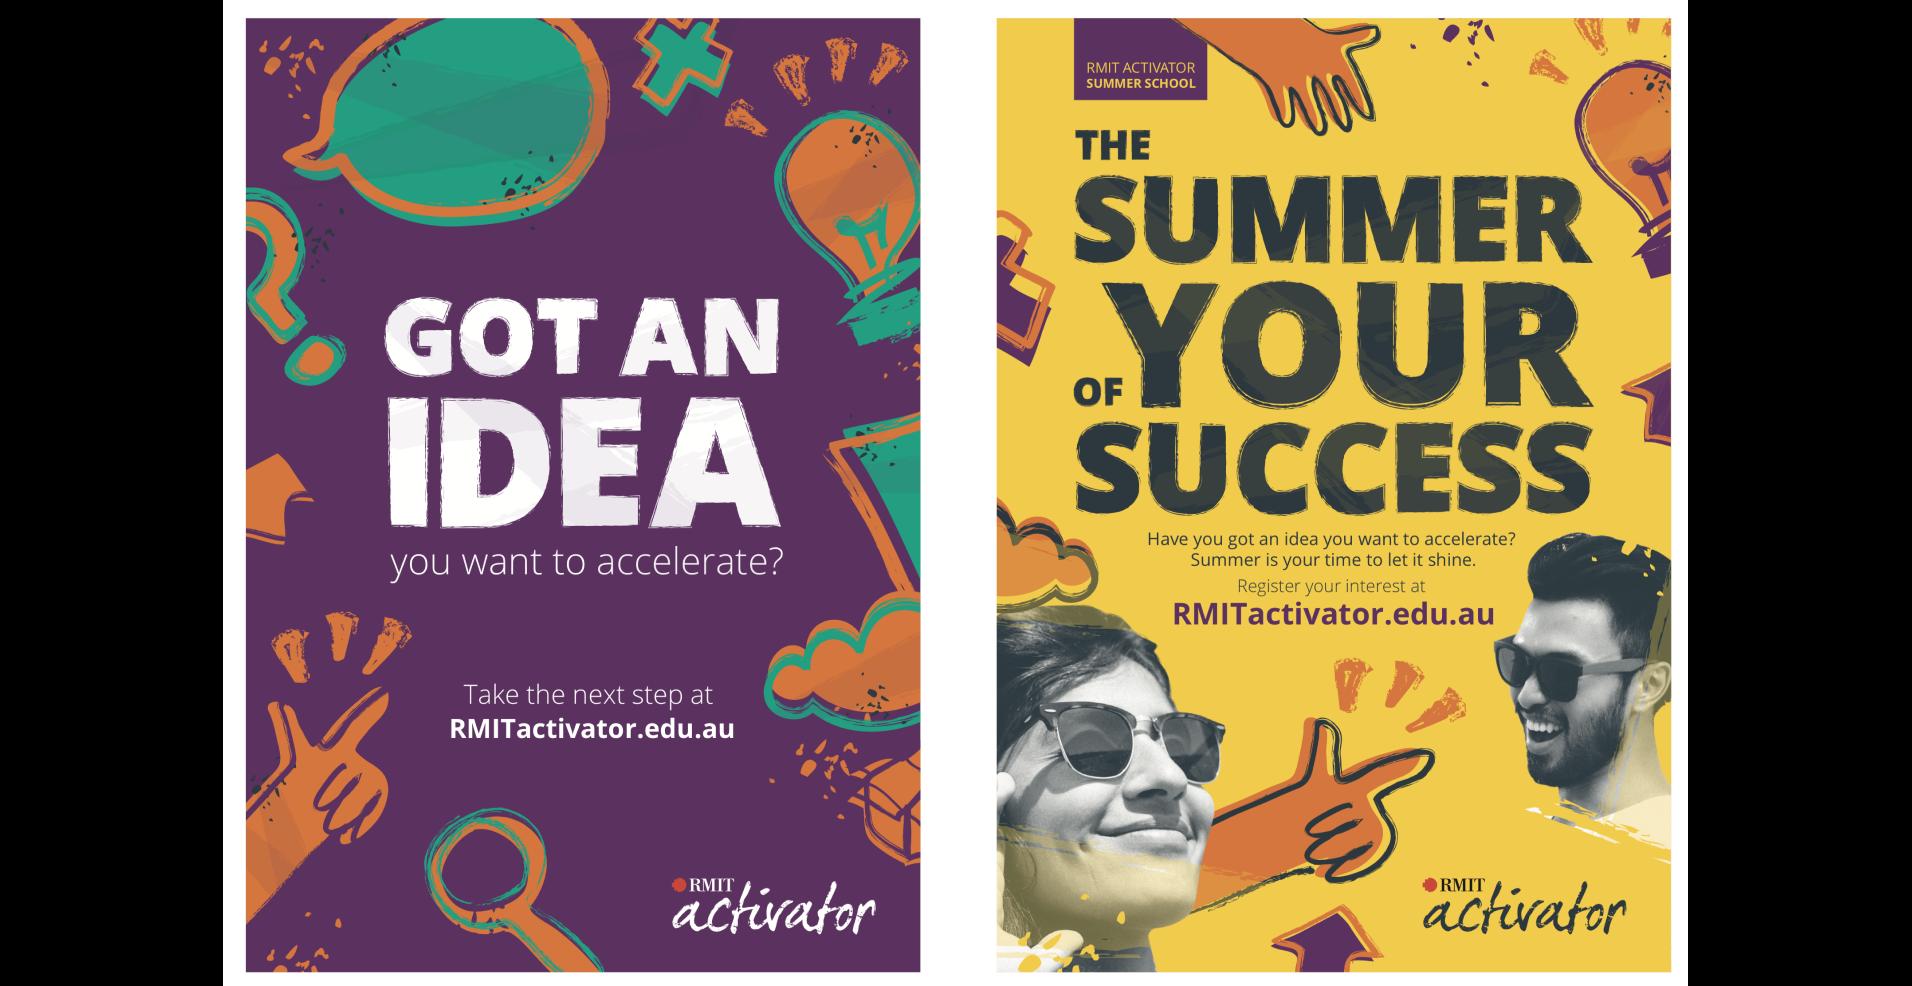 RMIT activator posters